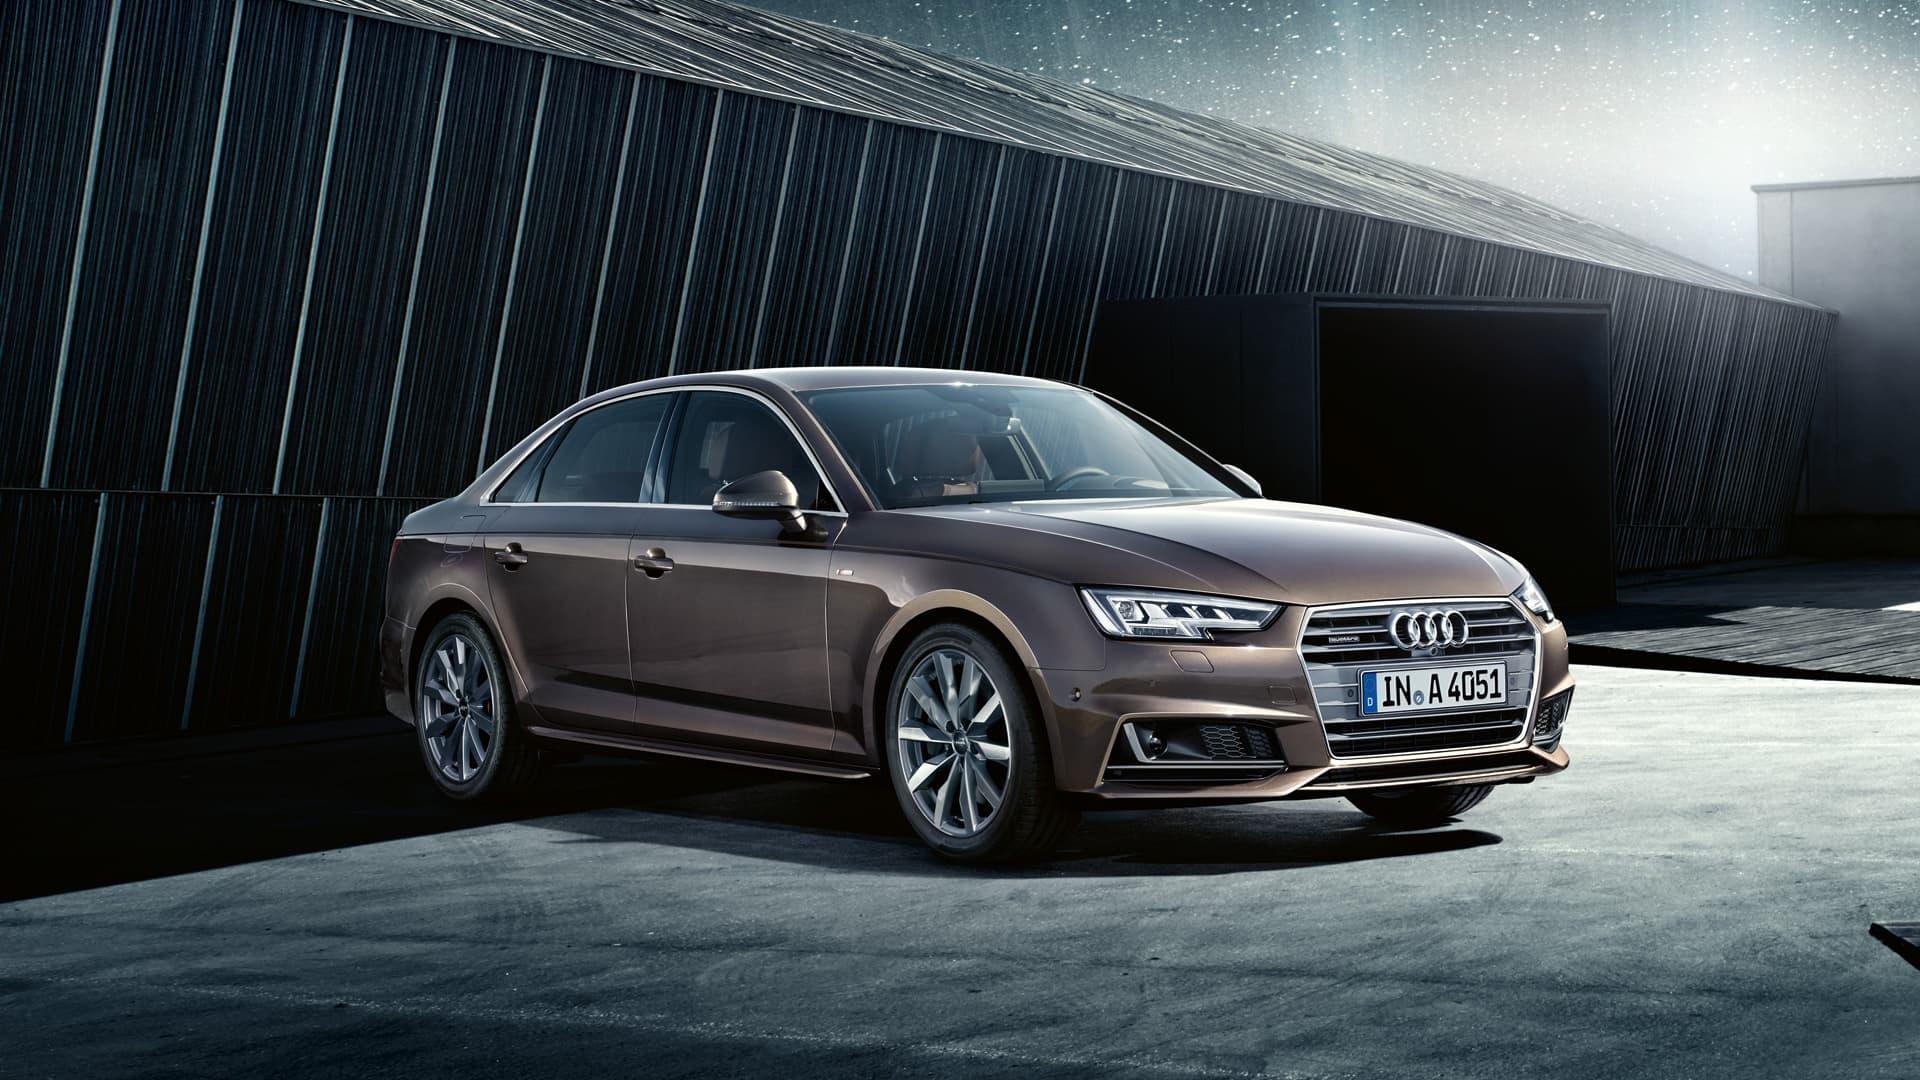 Audi A4 Sedan Gt A4 Gt Audi Middle East